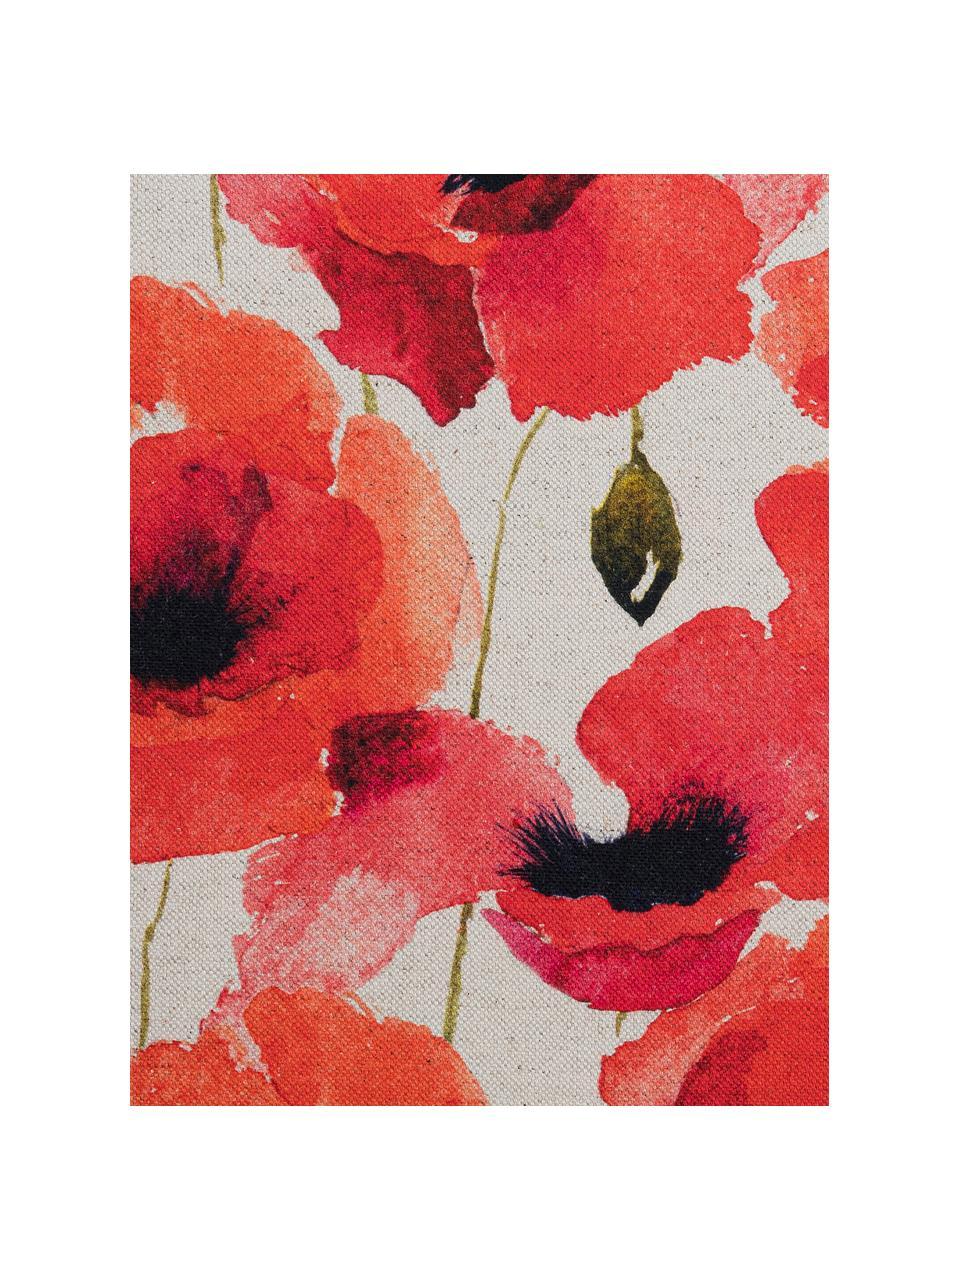 Kissenhülle Poppy mit Mohnmotiv, 85% Baumwolle, 15% Leinen, Rot, Weiß, Schwarz, 40 x 40 cm